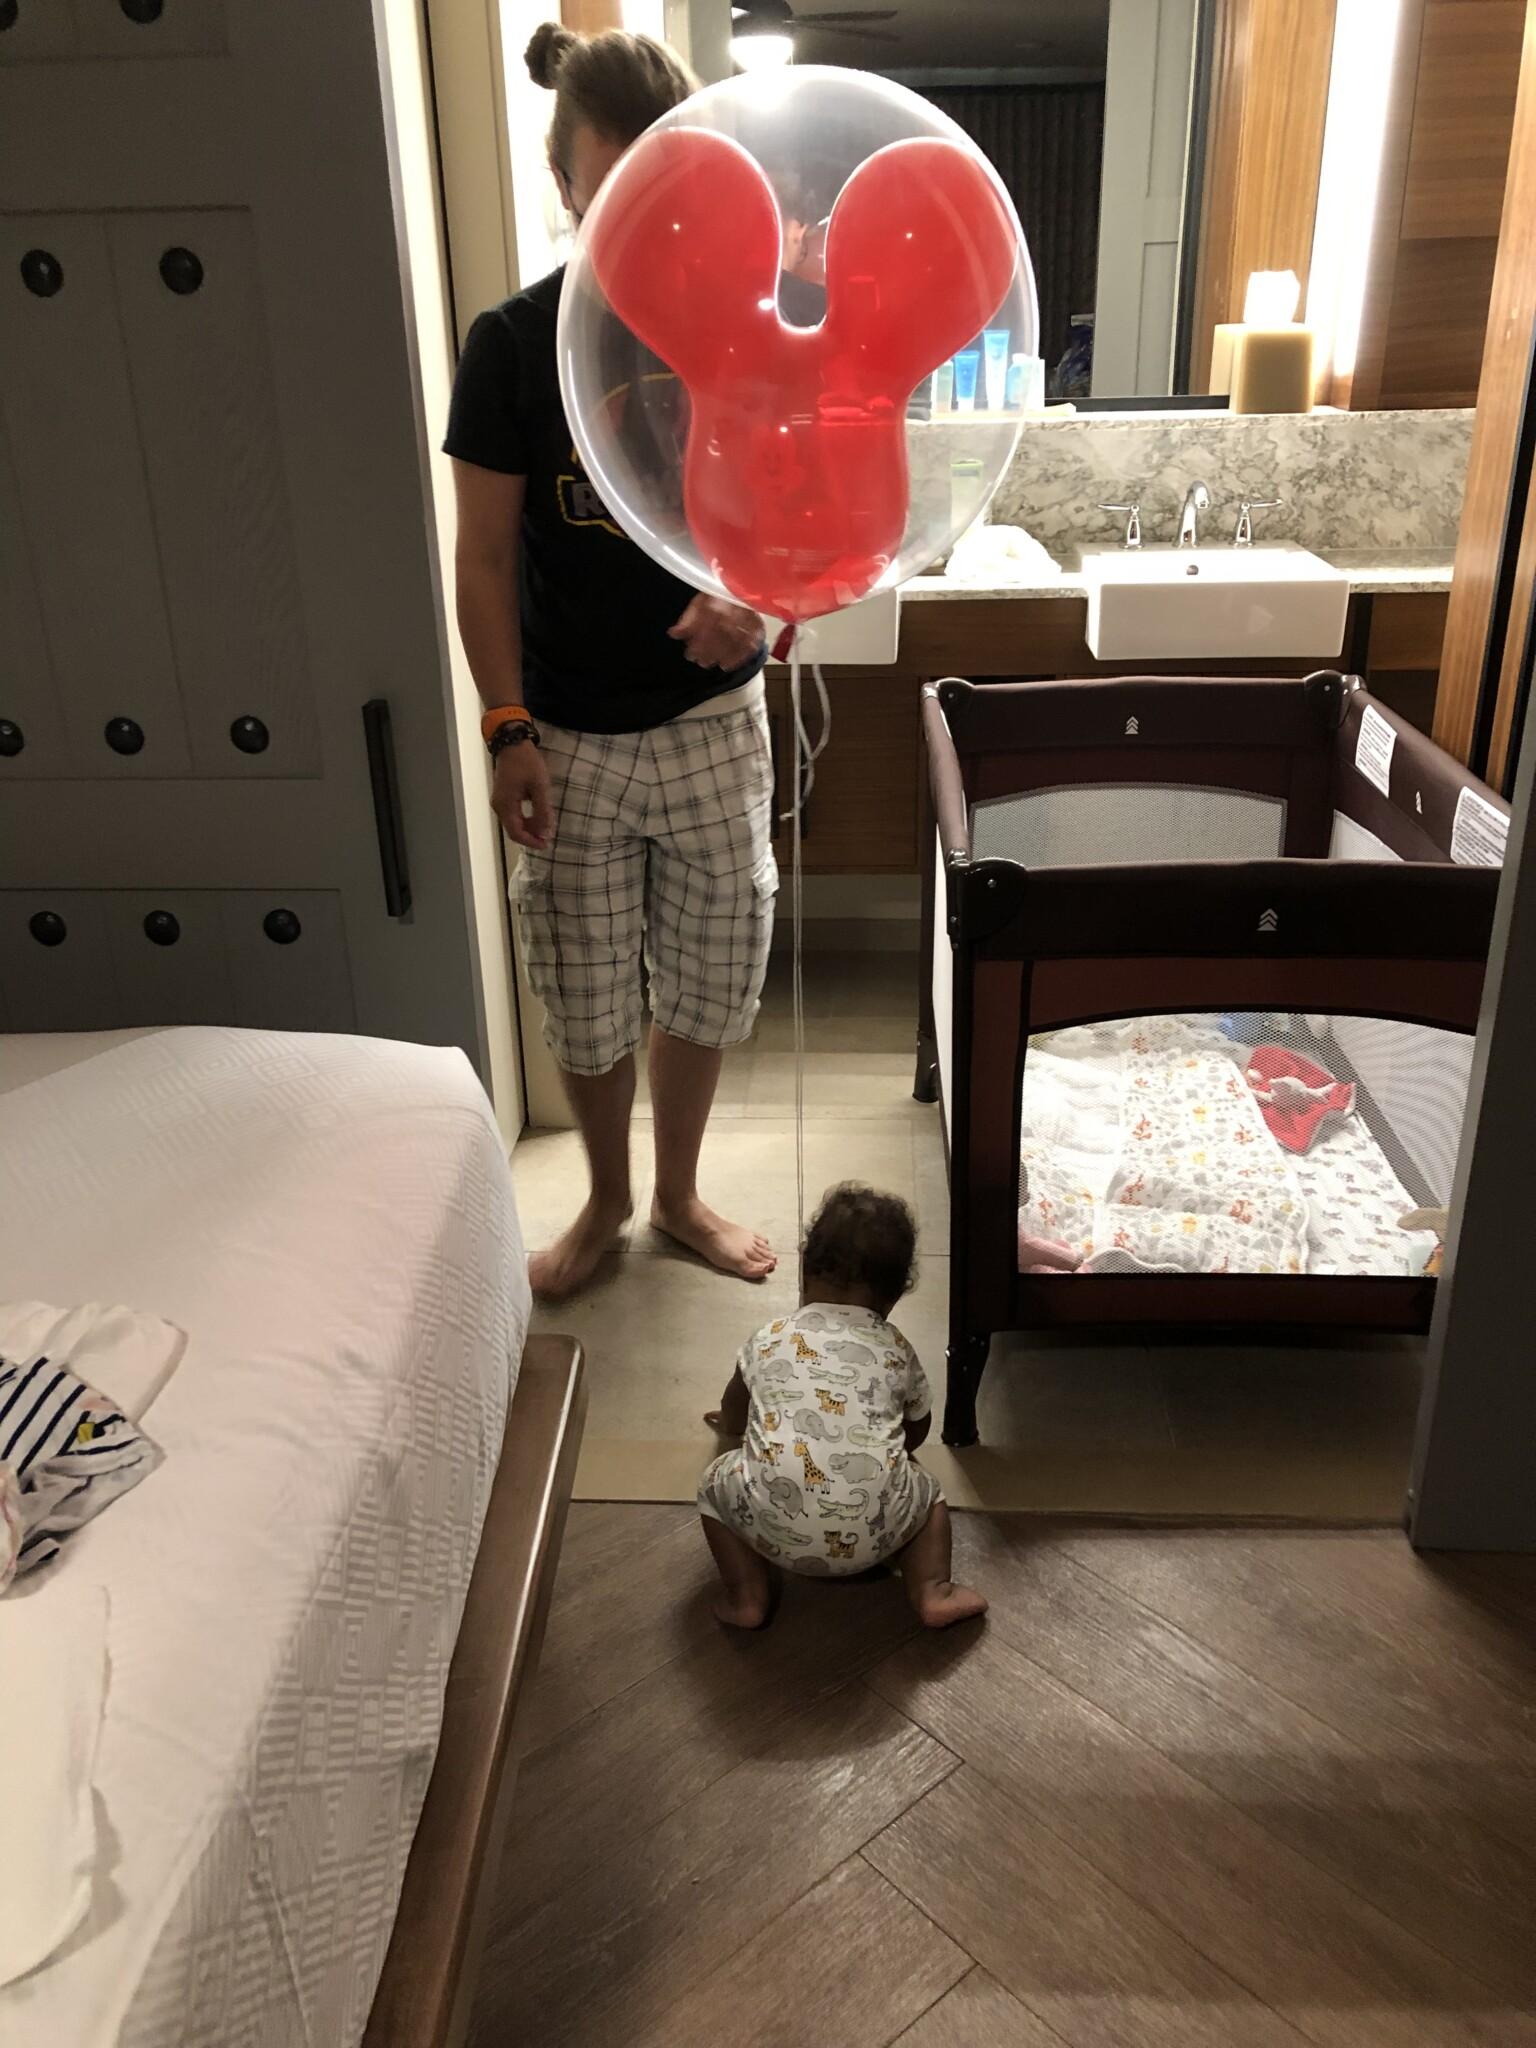 2 semaines en Floride avec un bébé de 1 an - Séjour du 2 au 16 mai 2019 DCL + WDW - Page 16 IMG_1043-1536x2048